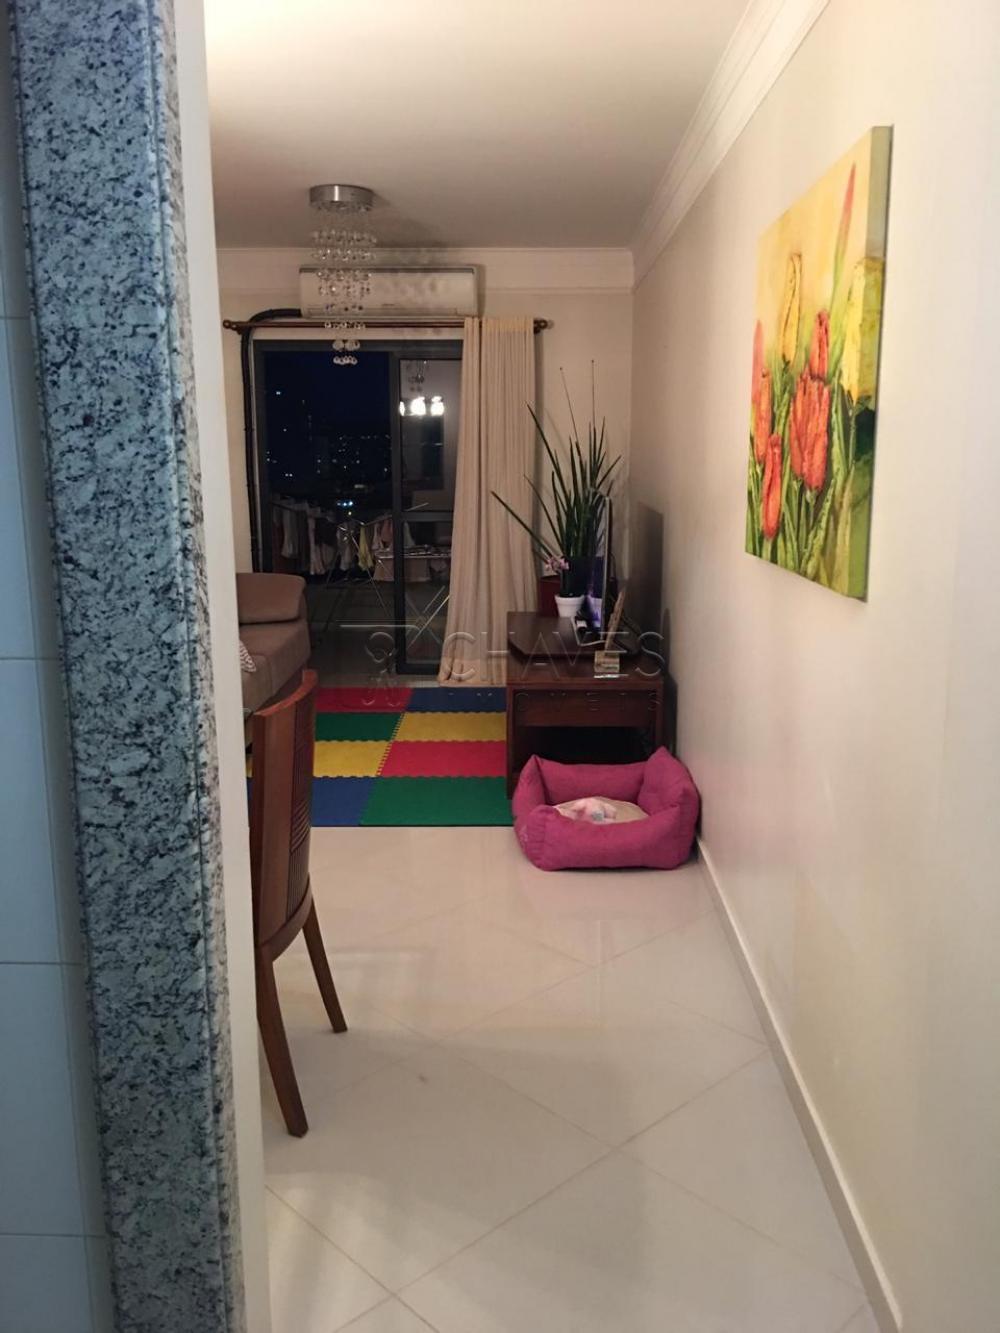 Comprar Apartamento / Padrão em Ribeirão Preto apenas R$ 440.000,00 - Foto 4